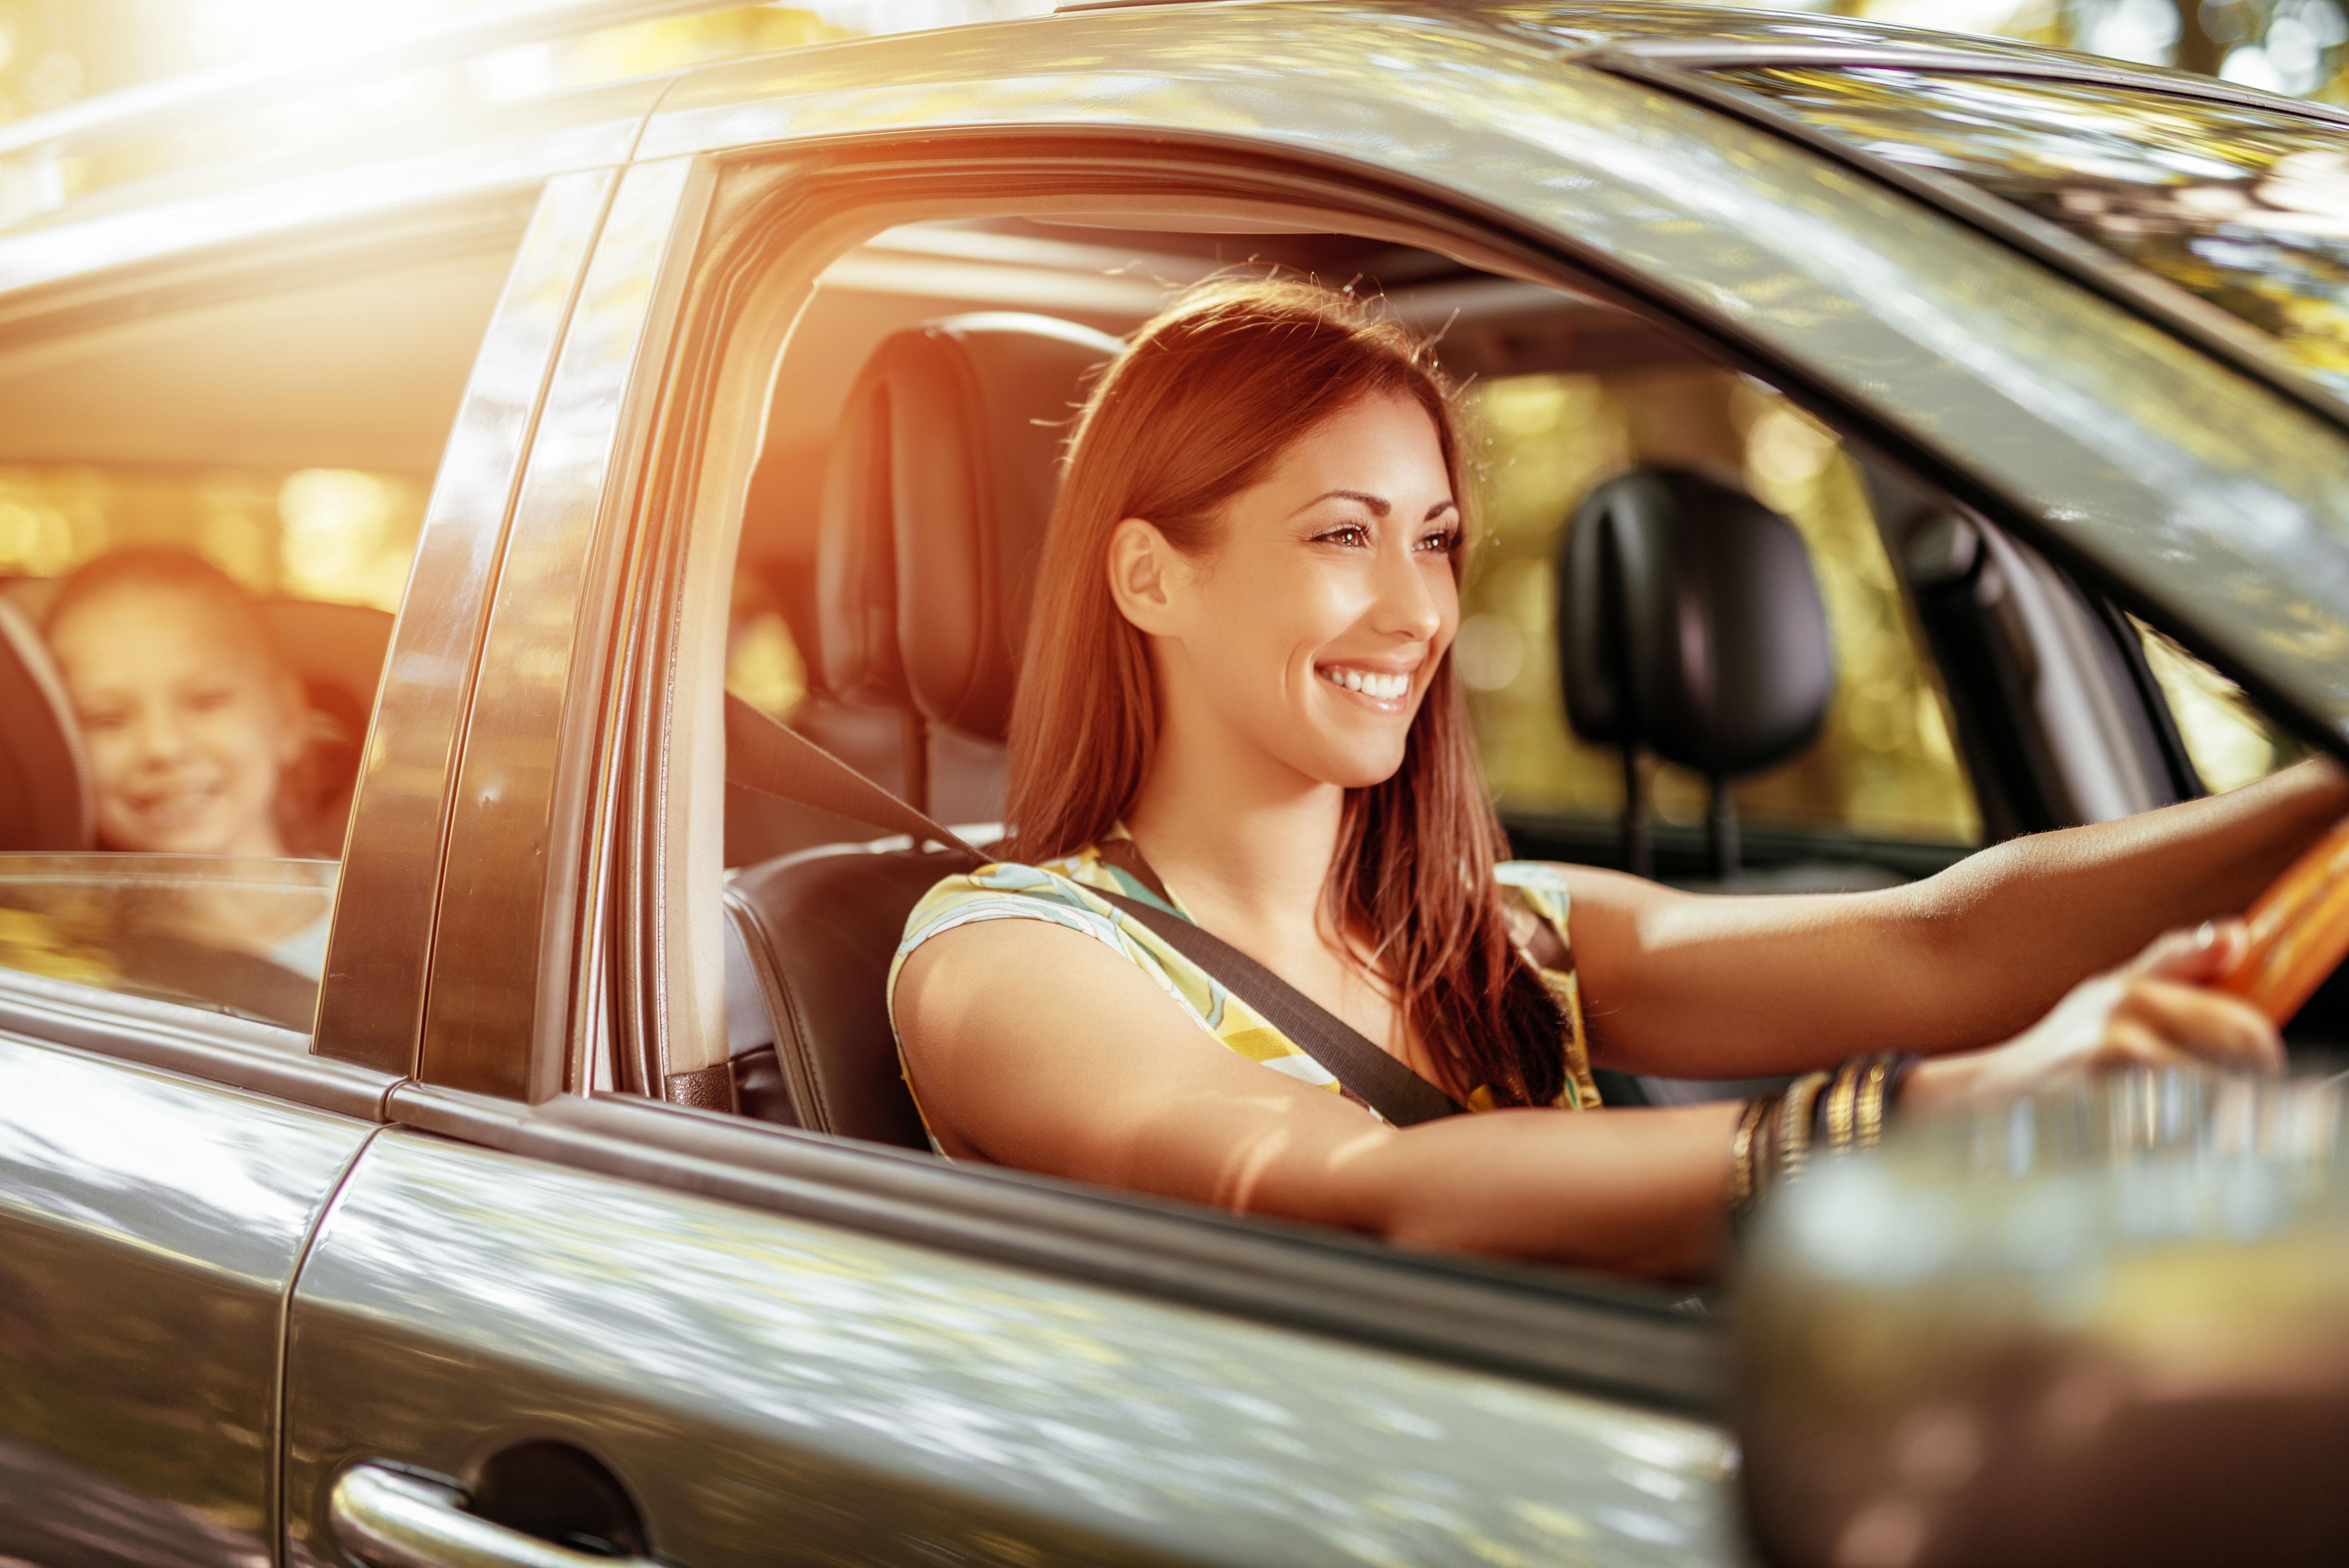 Mutter und Tochter lächelnd im Auto unterwegs